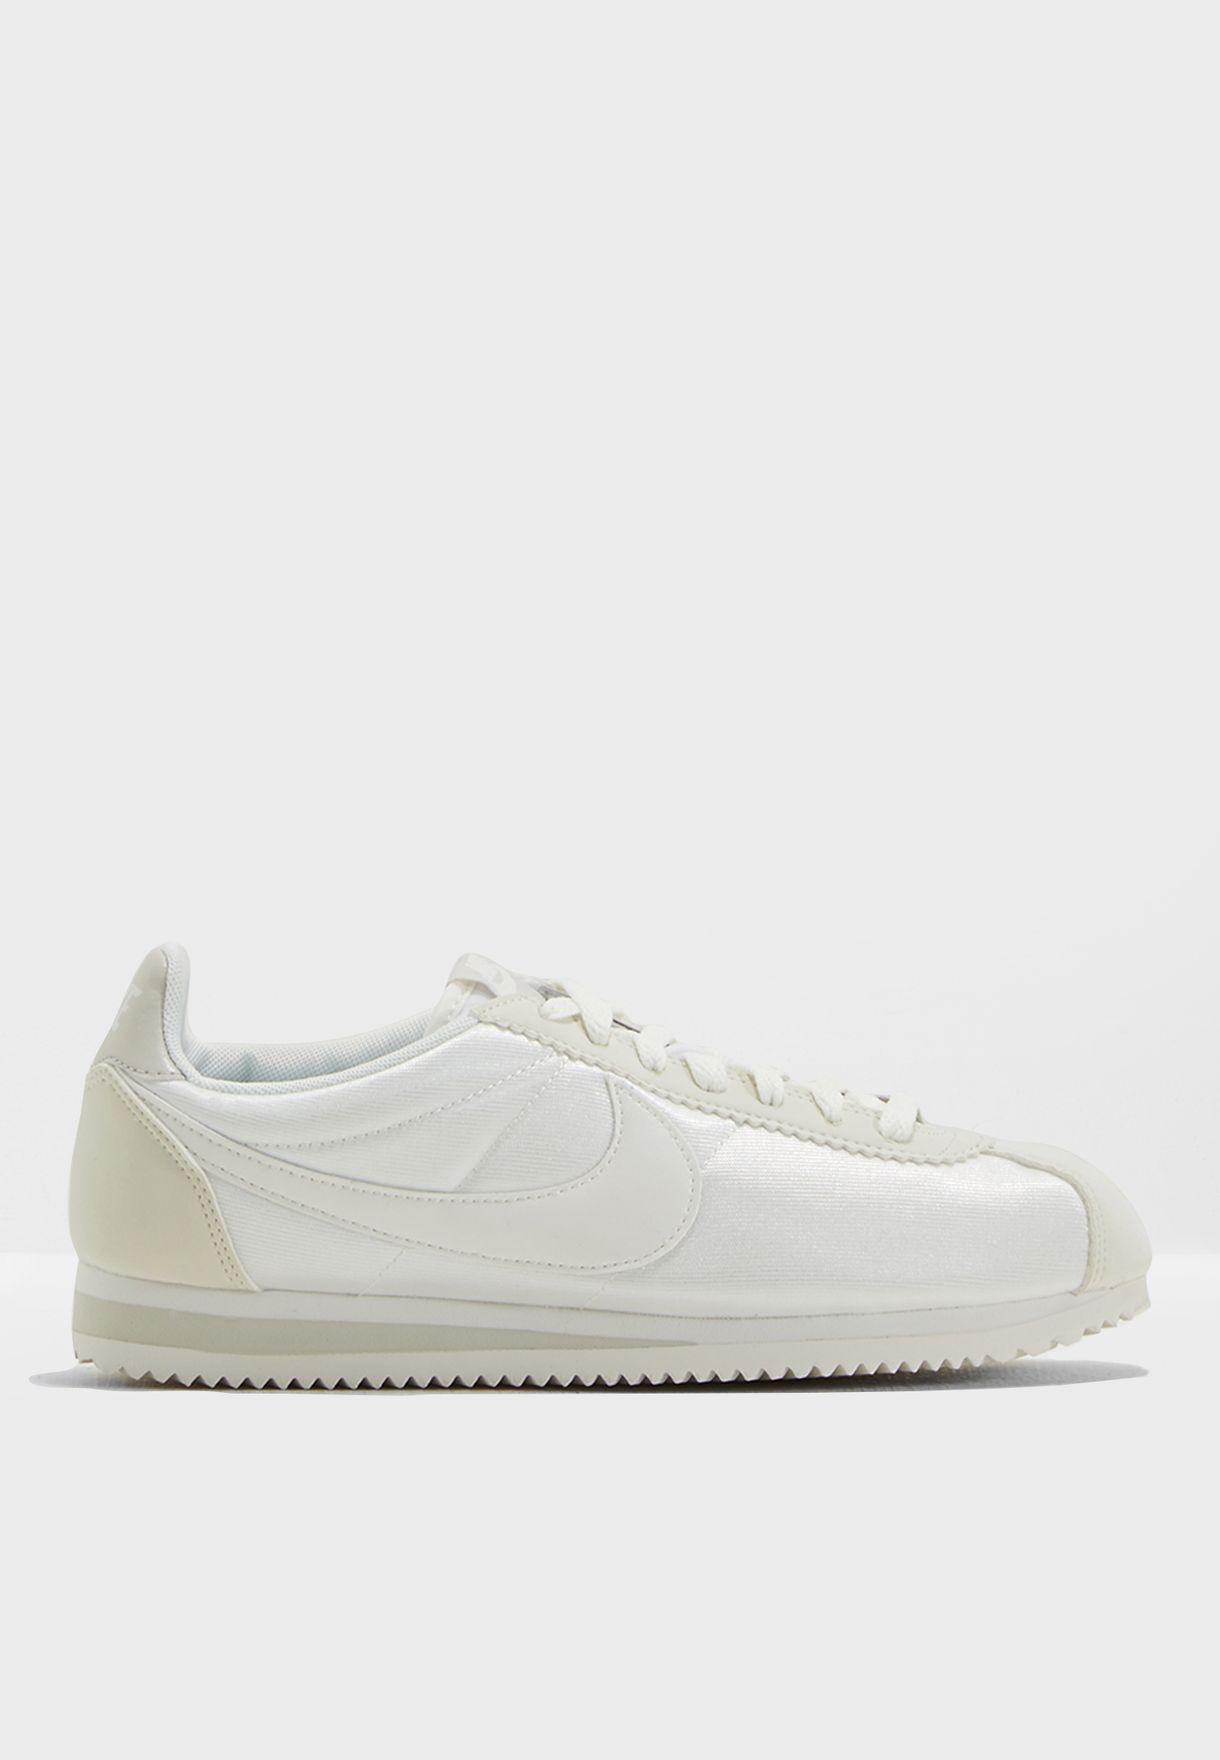 Shop Nike Weiß Classic Cortez Nylon 749864 749864 749864 103 for Damens in Qatar ... 439608